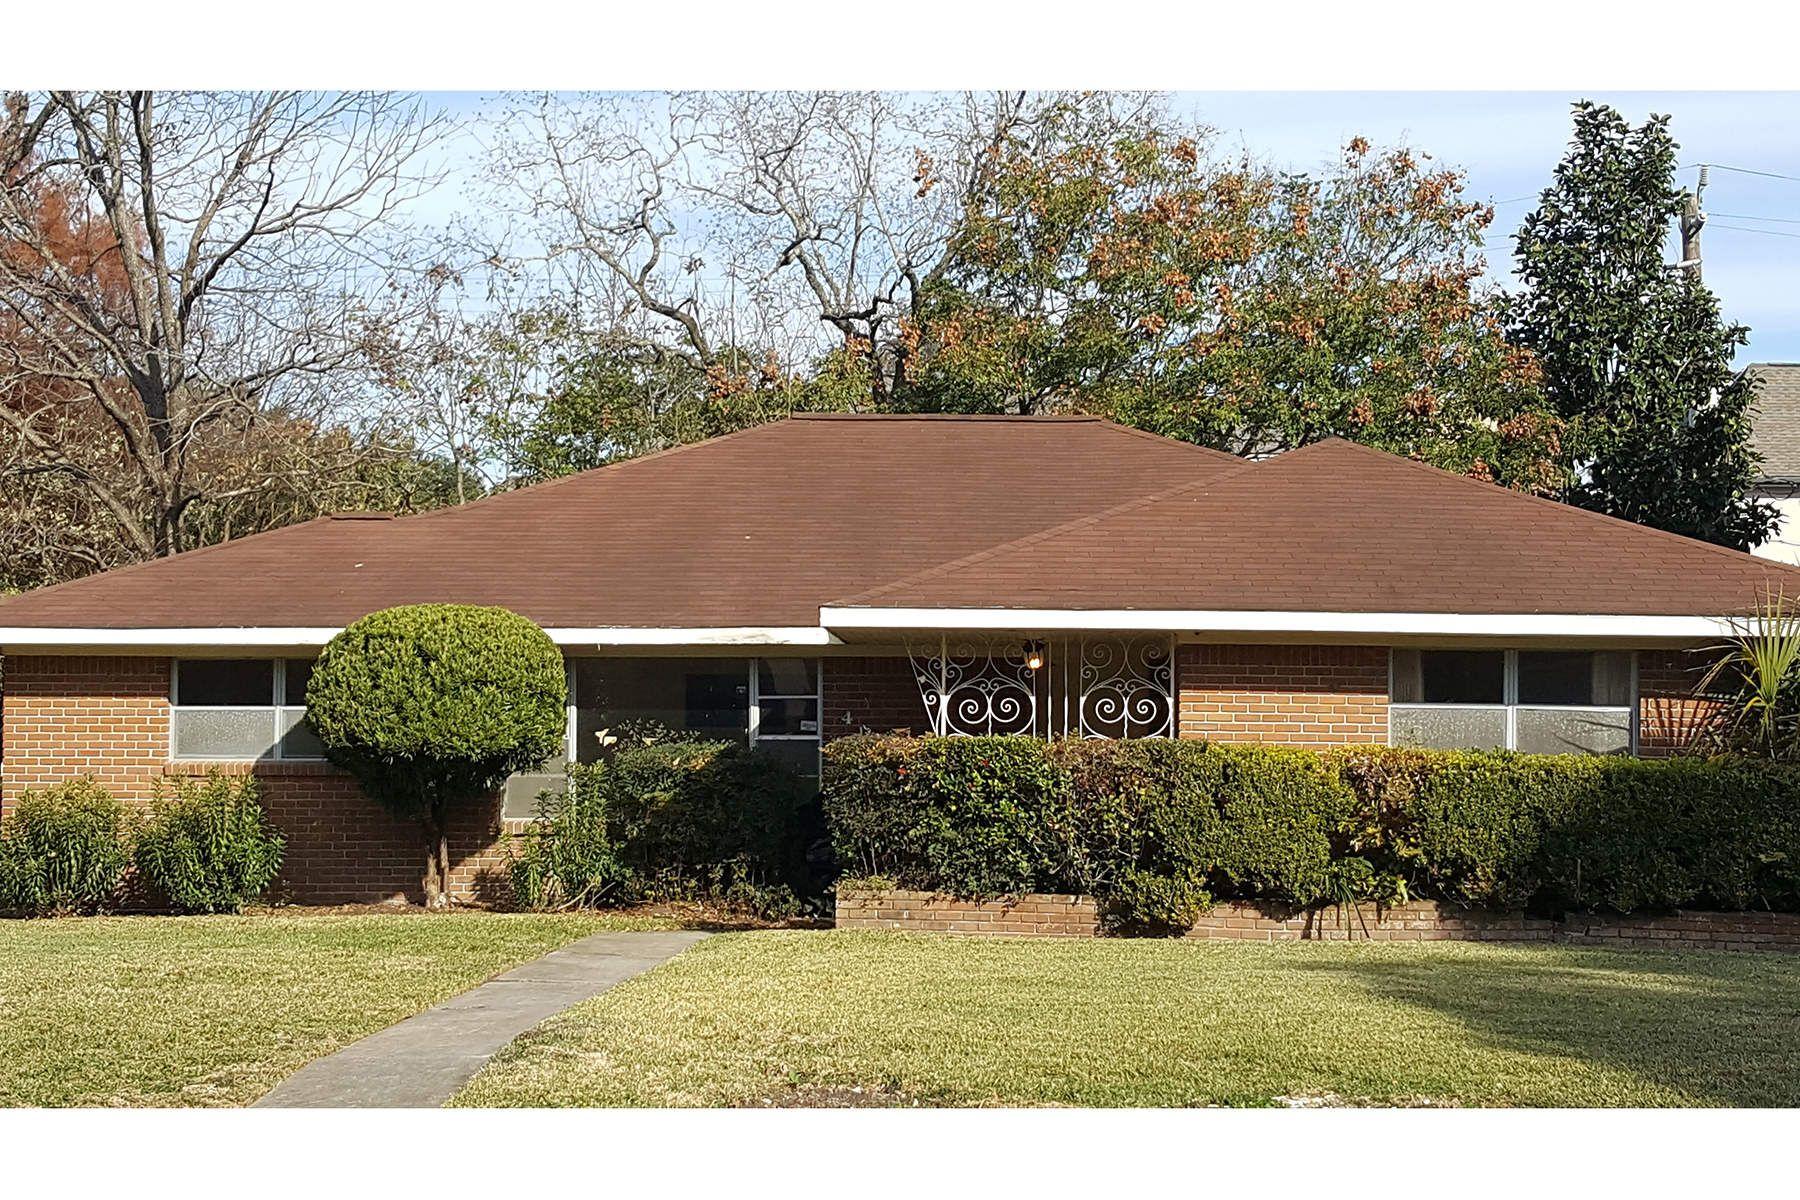 独户住宅 为 销售 在 4138 Levonshire Drive 休斯顿, 得克萨斯州, 77025 美国